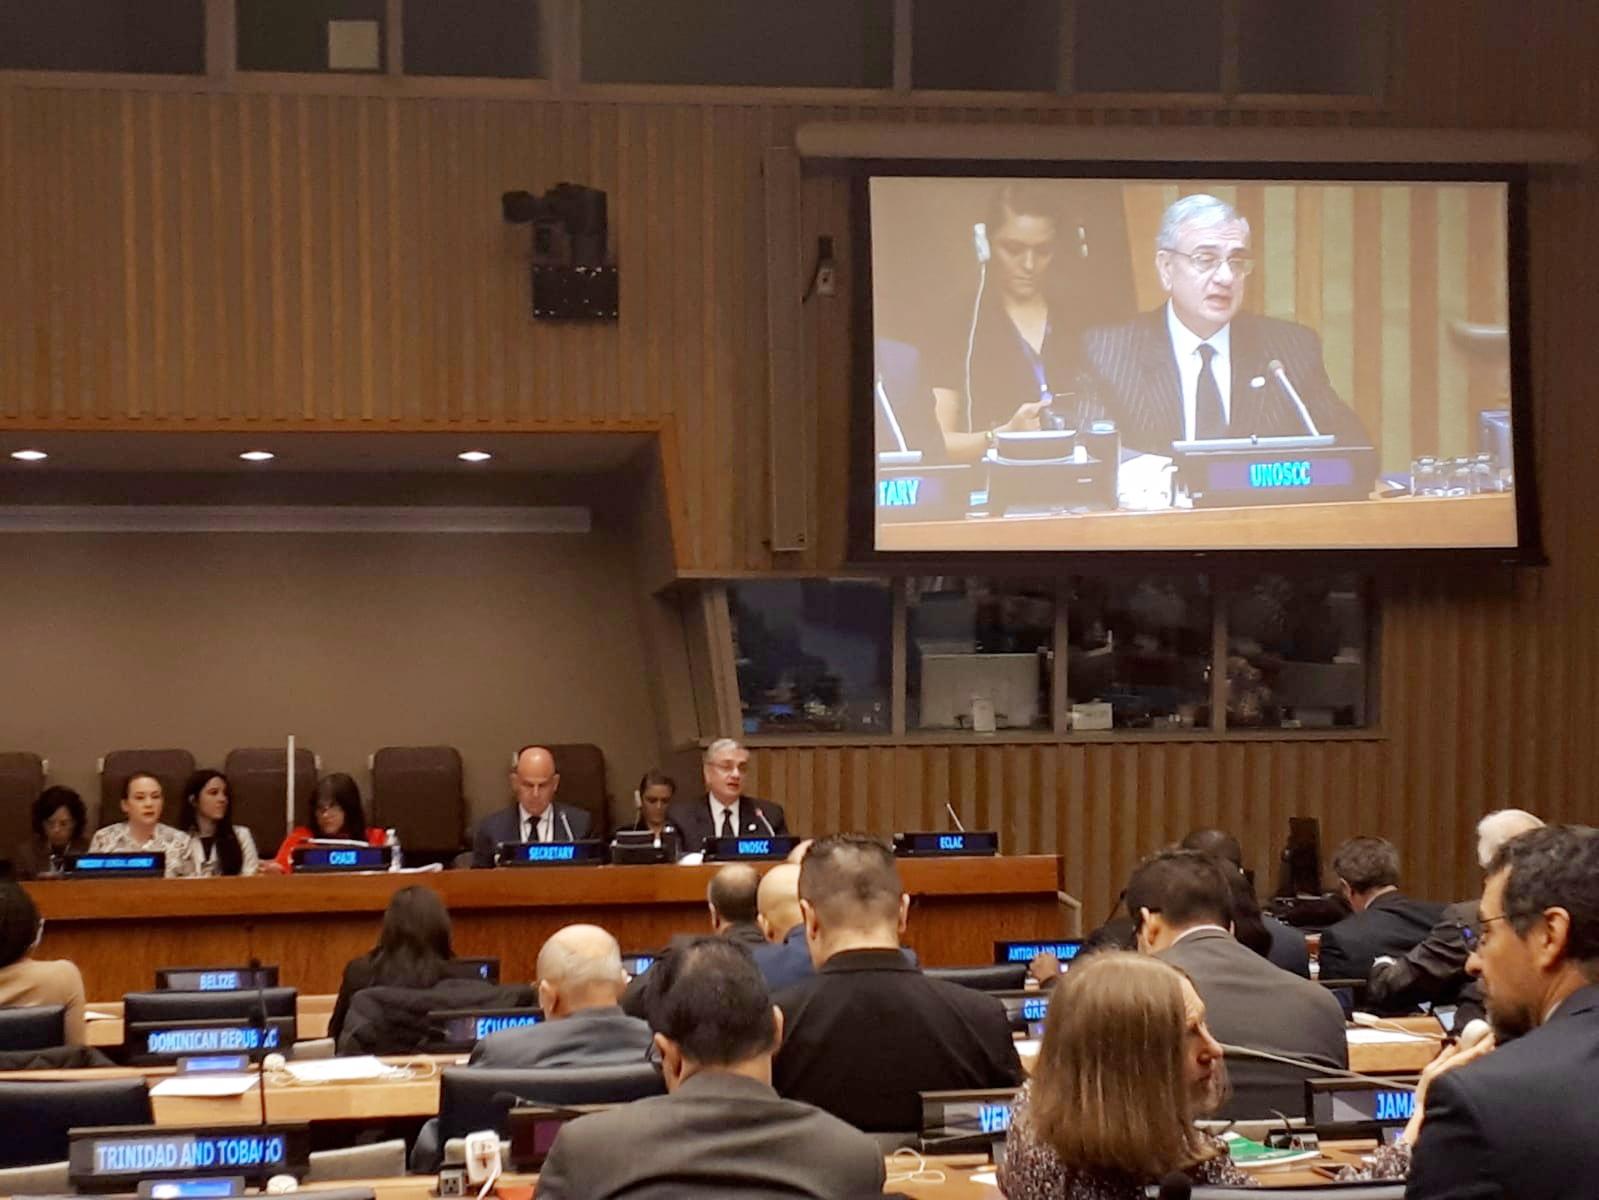 2do día del  GSSD 2018, un diálogo interactivo de AL y el Caribe sobre las prioridades de la región de cara a PABA+40.